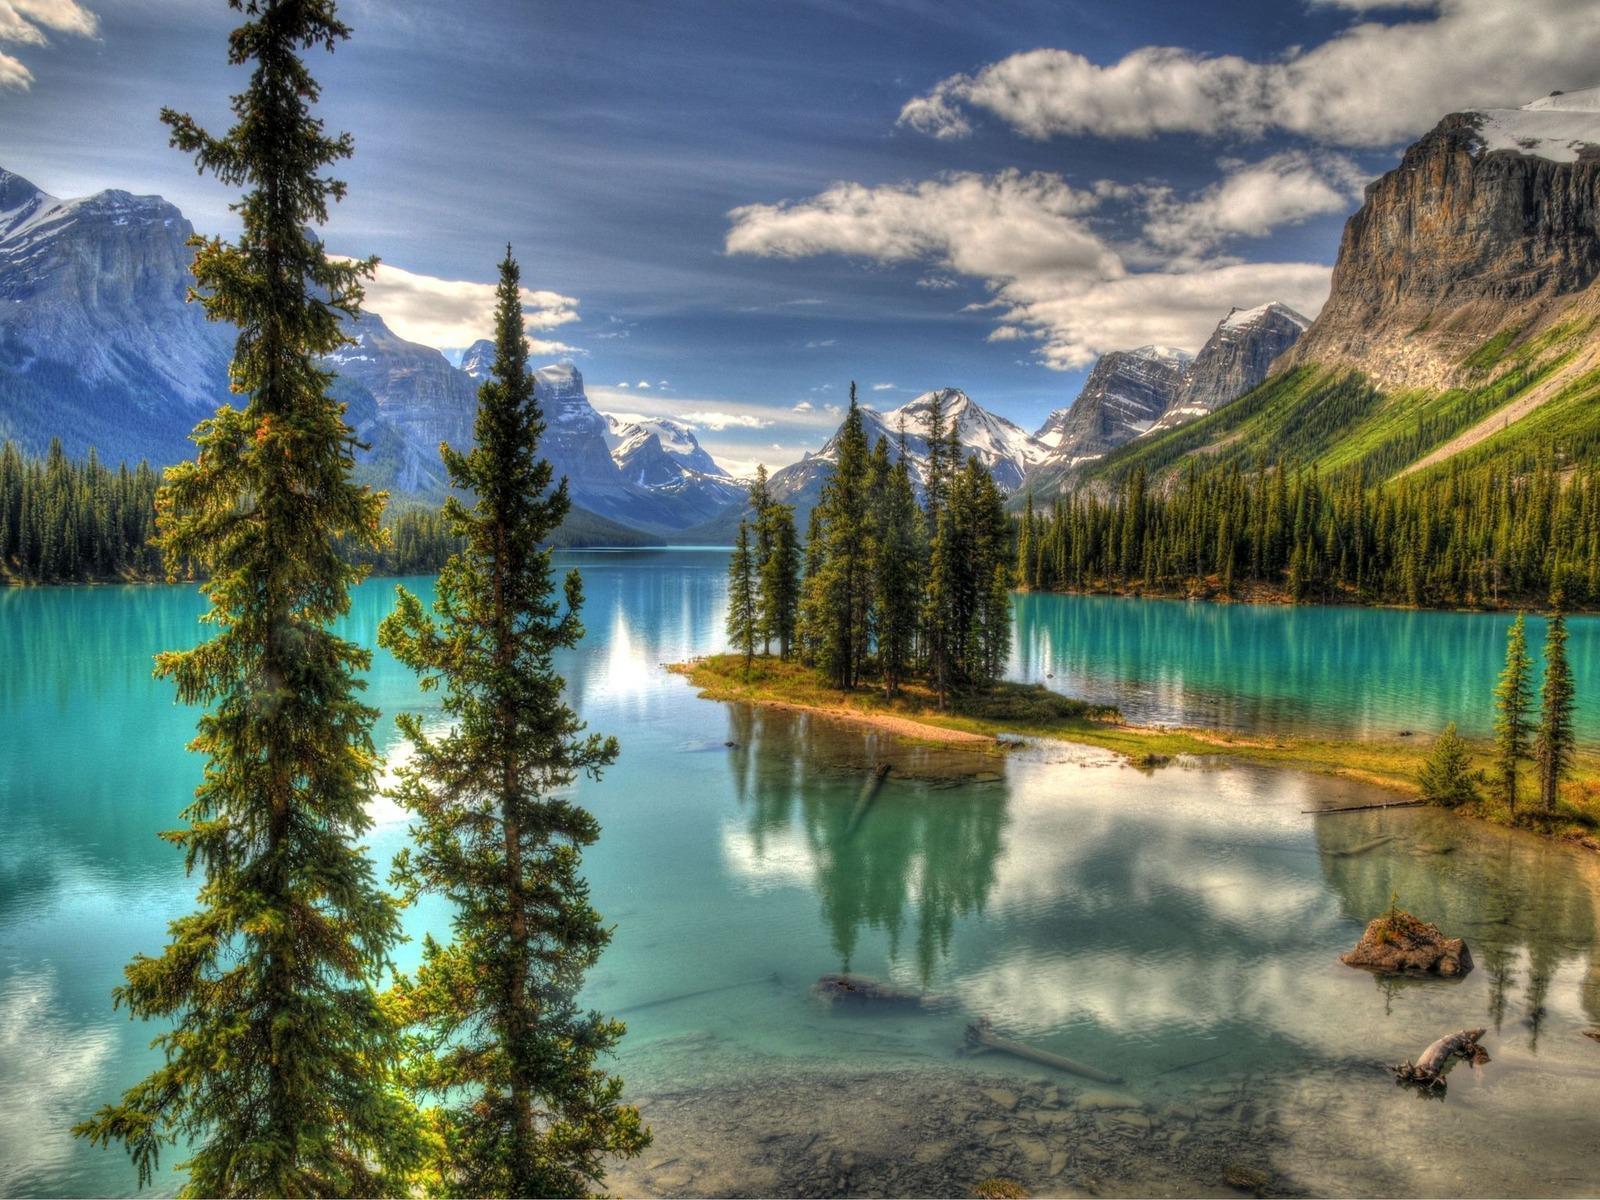 21284 Заставки и Обои Озера на телефон. Скачать Озера, Пейзаж, Горы, Облака картинки бесплатно